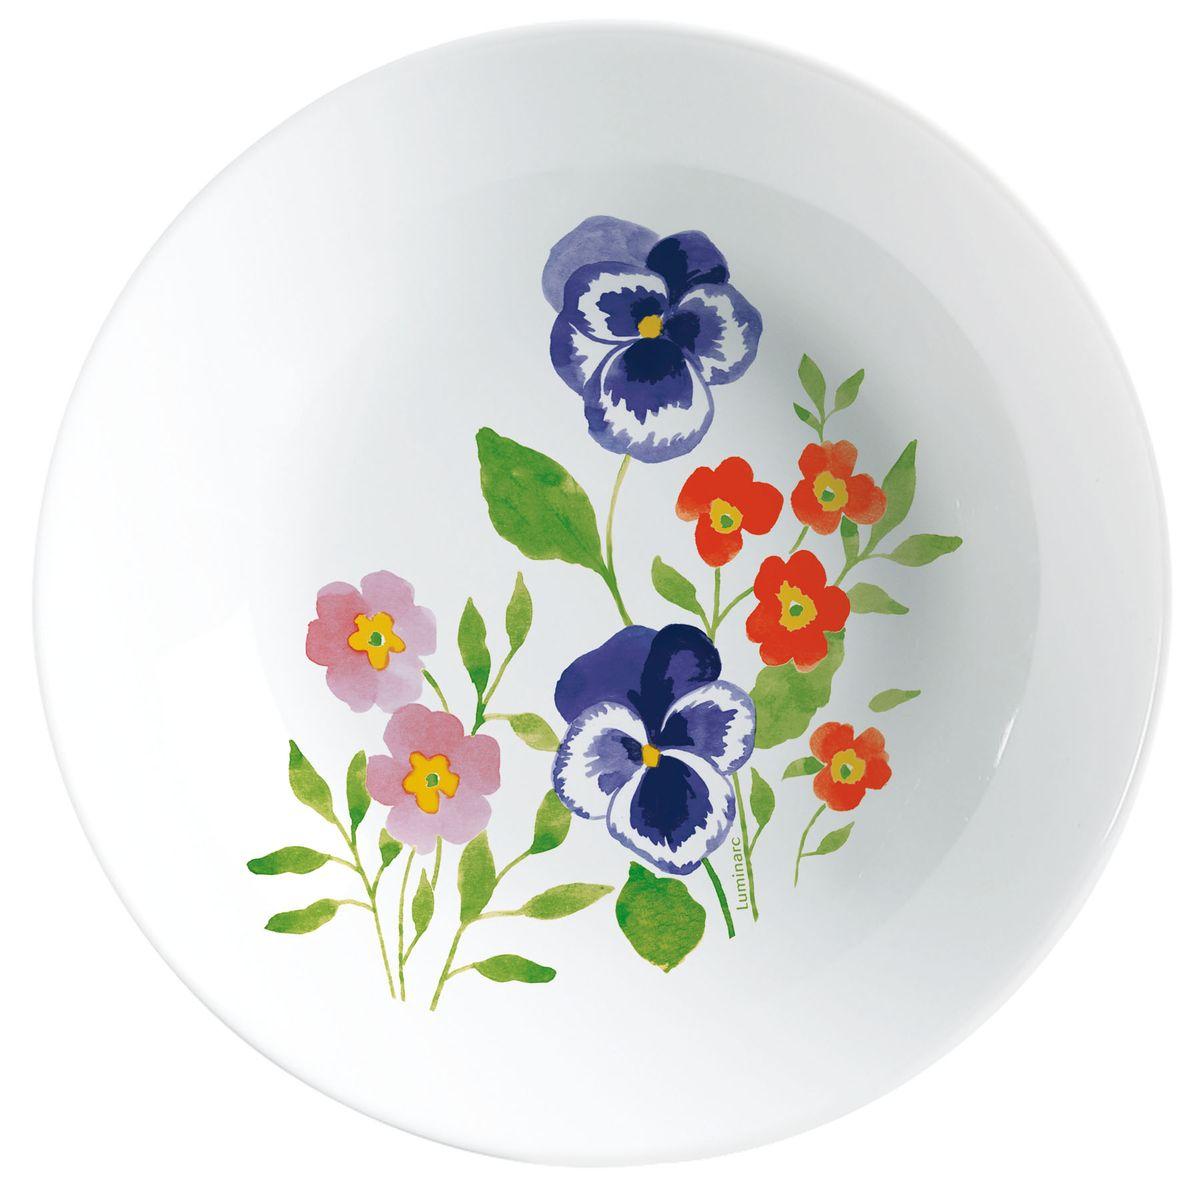 Тарелка глубокая Luminarc Magda, диаметр 27 см54 009312Глубокая тарелка Magda надежной марки Luminarc - интересное решение для кухонь и столовых в классическом и современном дизайне. Глянцевая тарелка с нежным цветочным рисунком - отличный вариант для дачи или загородного дома. Тарелка изготовлена из ударопрочного стекла, которое не впитывает запахи и обладает антибактериальными свойствами. Ее можно мыть в посудомоечной машине и использовать в микроволновой печи.